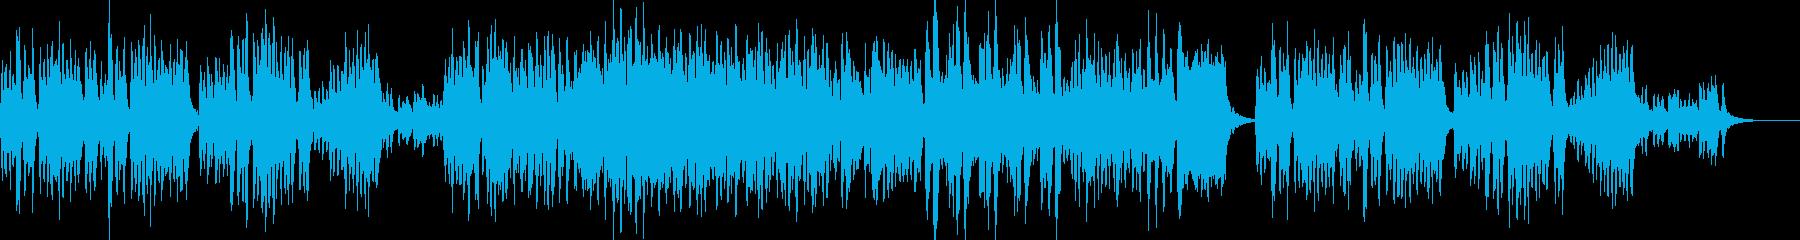 とても品のよい弦楽合奏の再生済みの波形